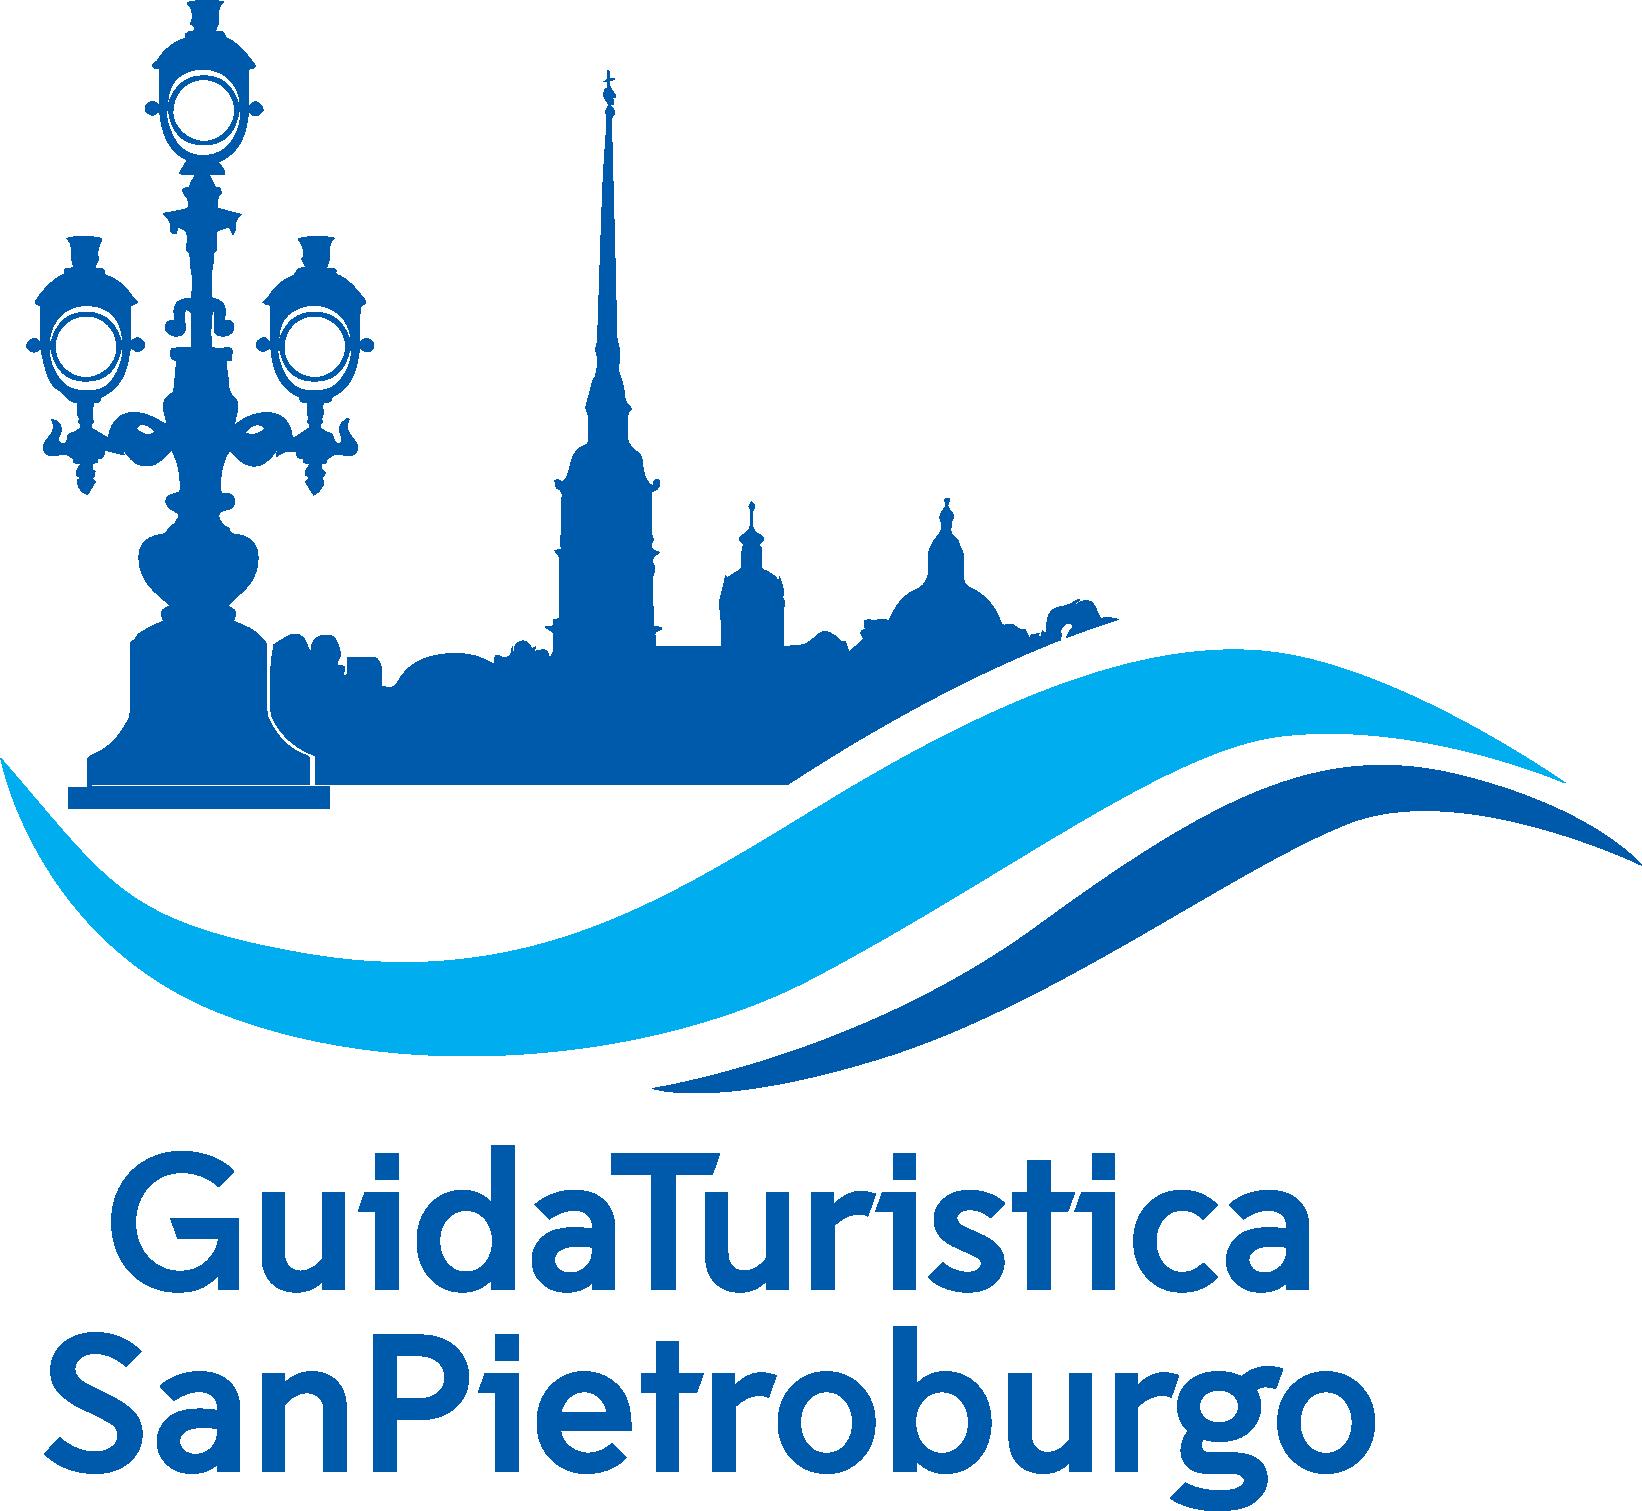 Guida turistica San Pietroburgo